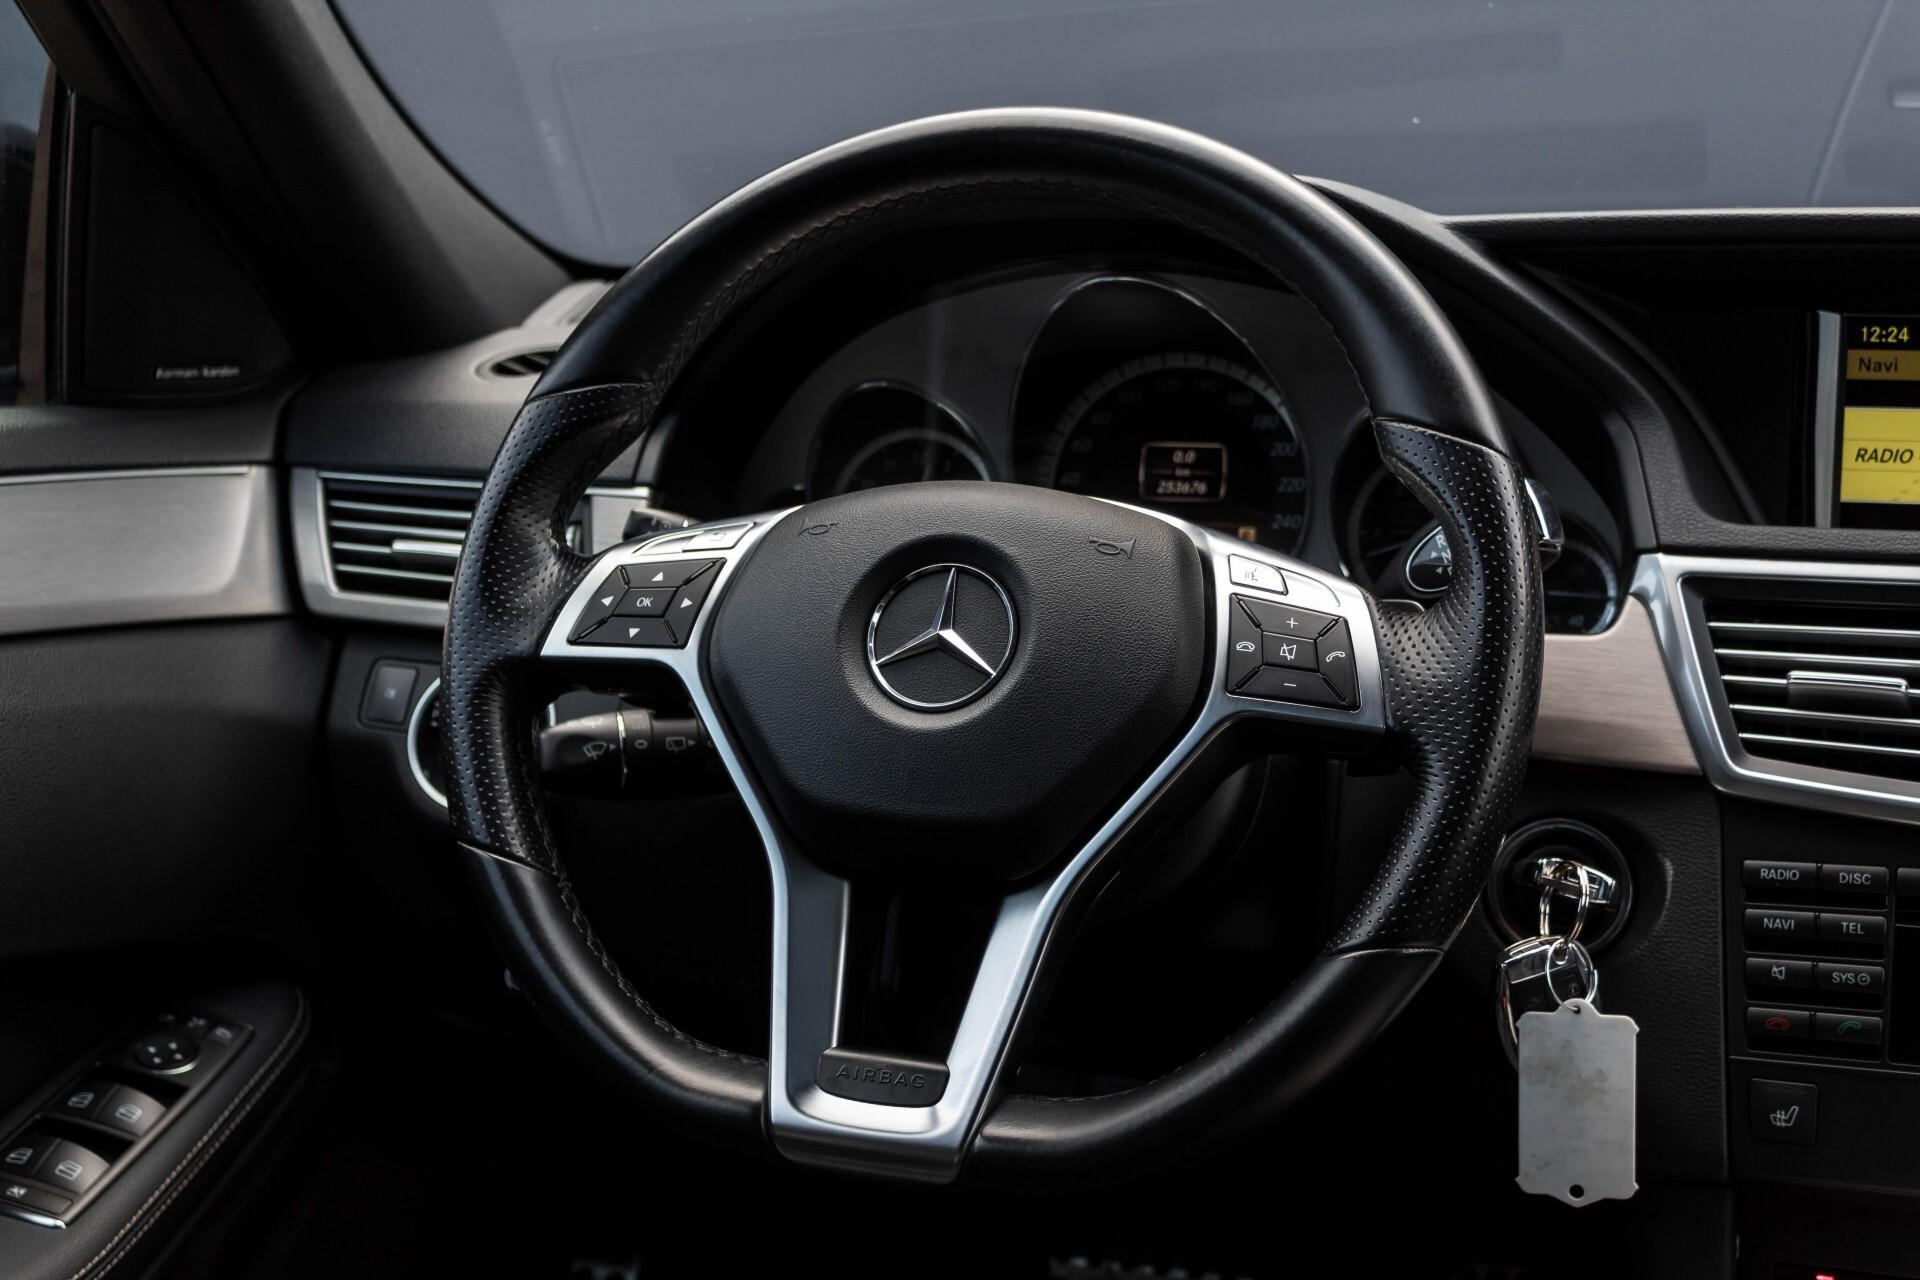 Mercedes-Benz E-Klasse Estate 350 Cdi AMG Luchtvering/Schuifdak/Comand/Harman Kardon/ILS Aut7 Foto 8